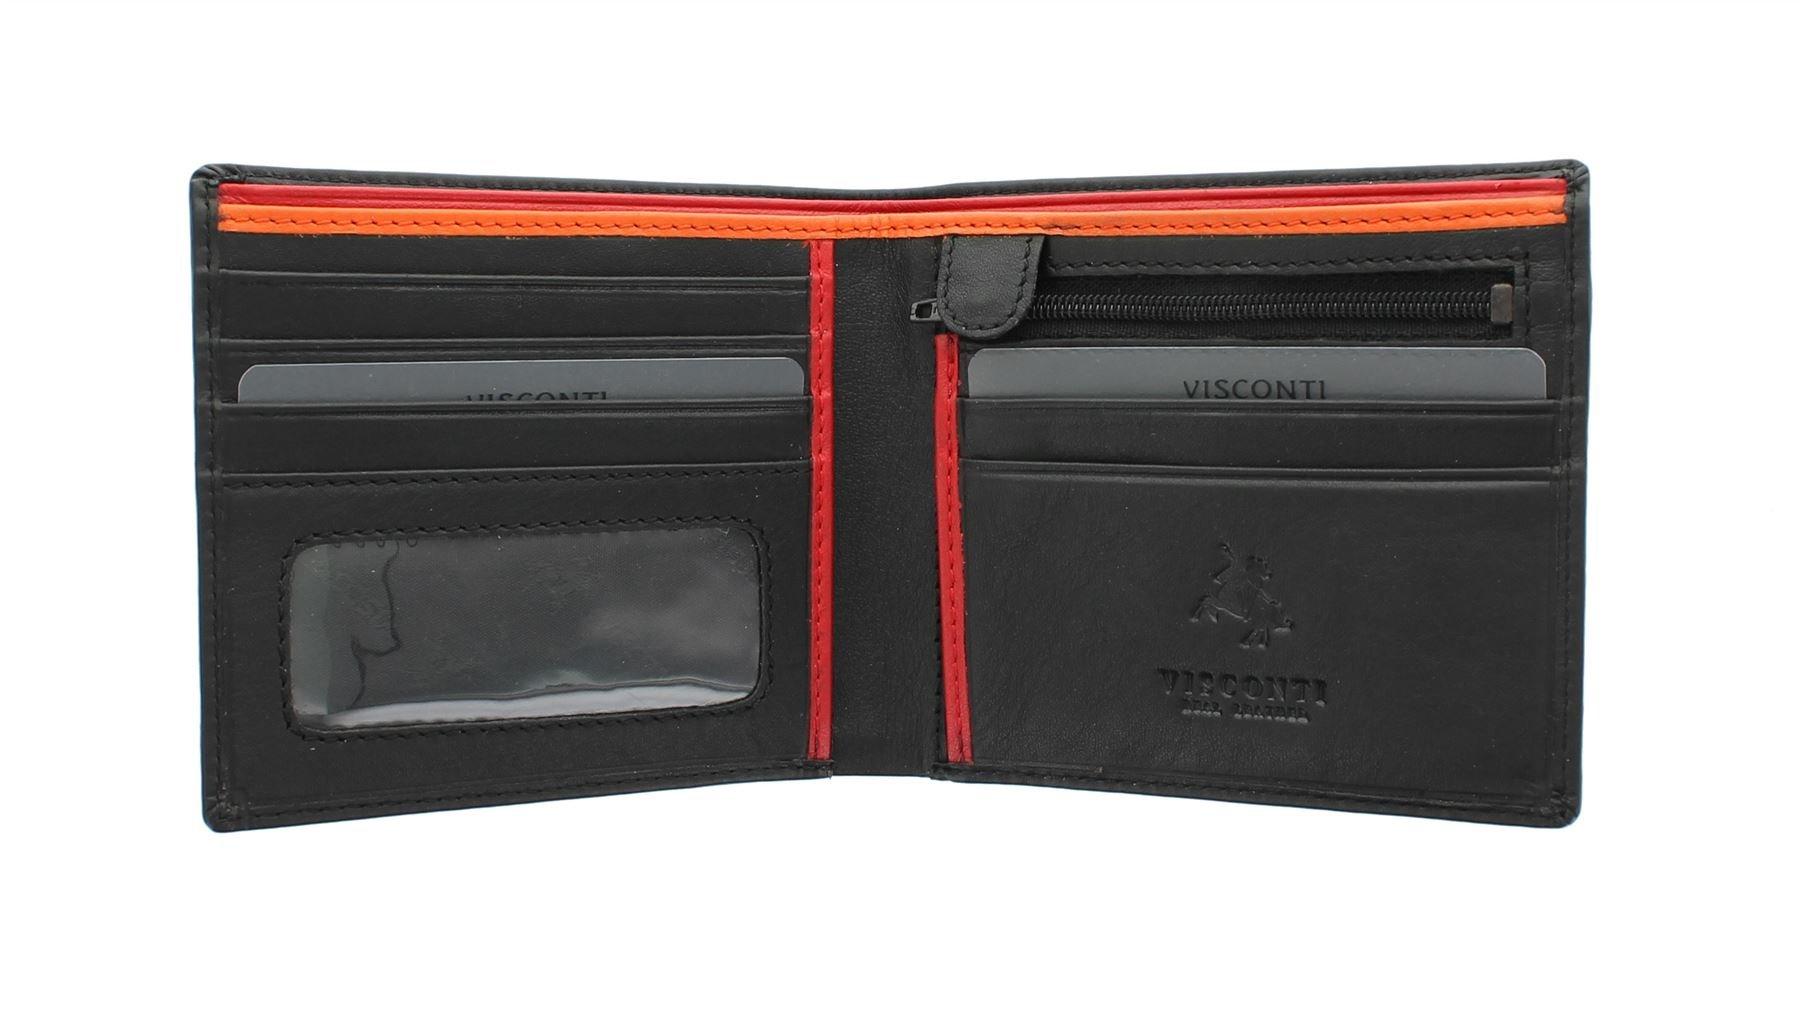 dfa94ba6f54 Visconti Colección Bond LE CHIFFRE Cartera de Cuero para Hombre BD707  Negro Naranja product image